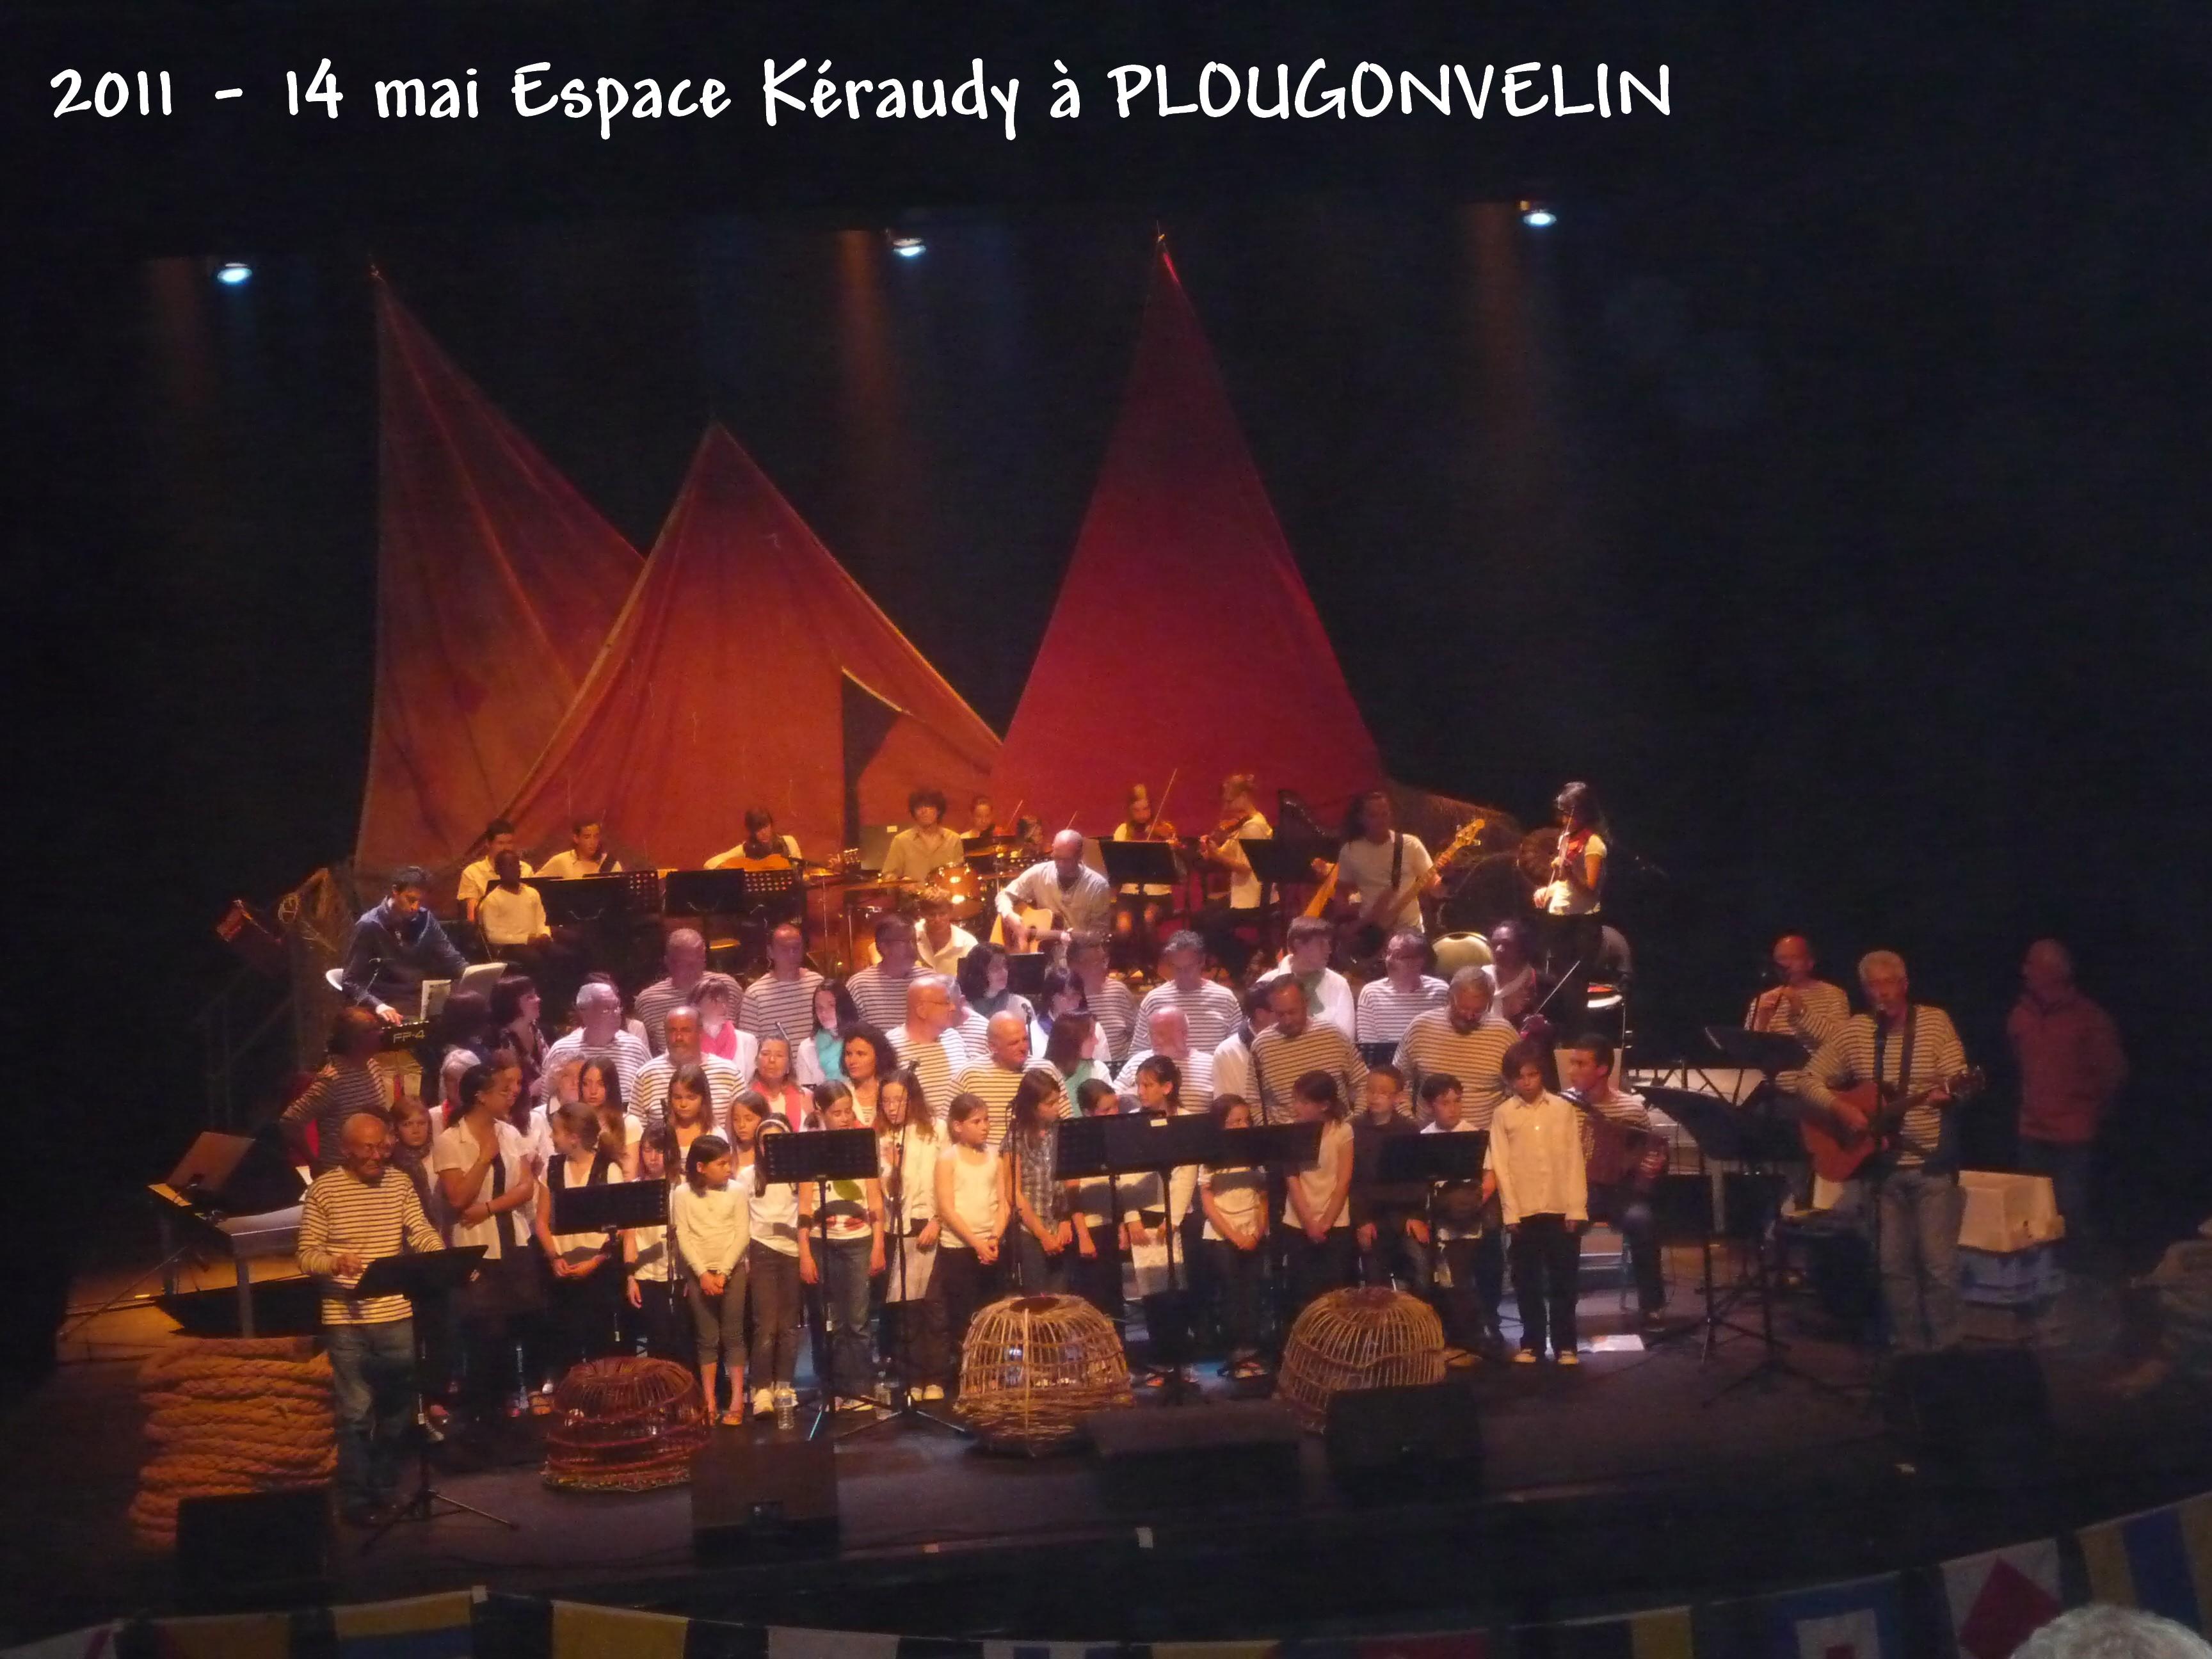 Kéraudy - 1